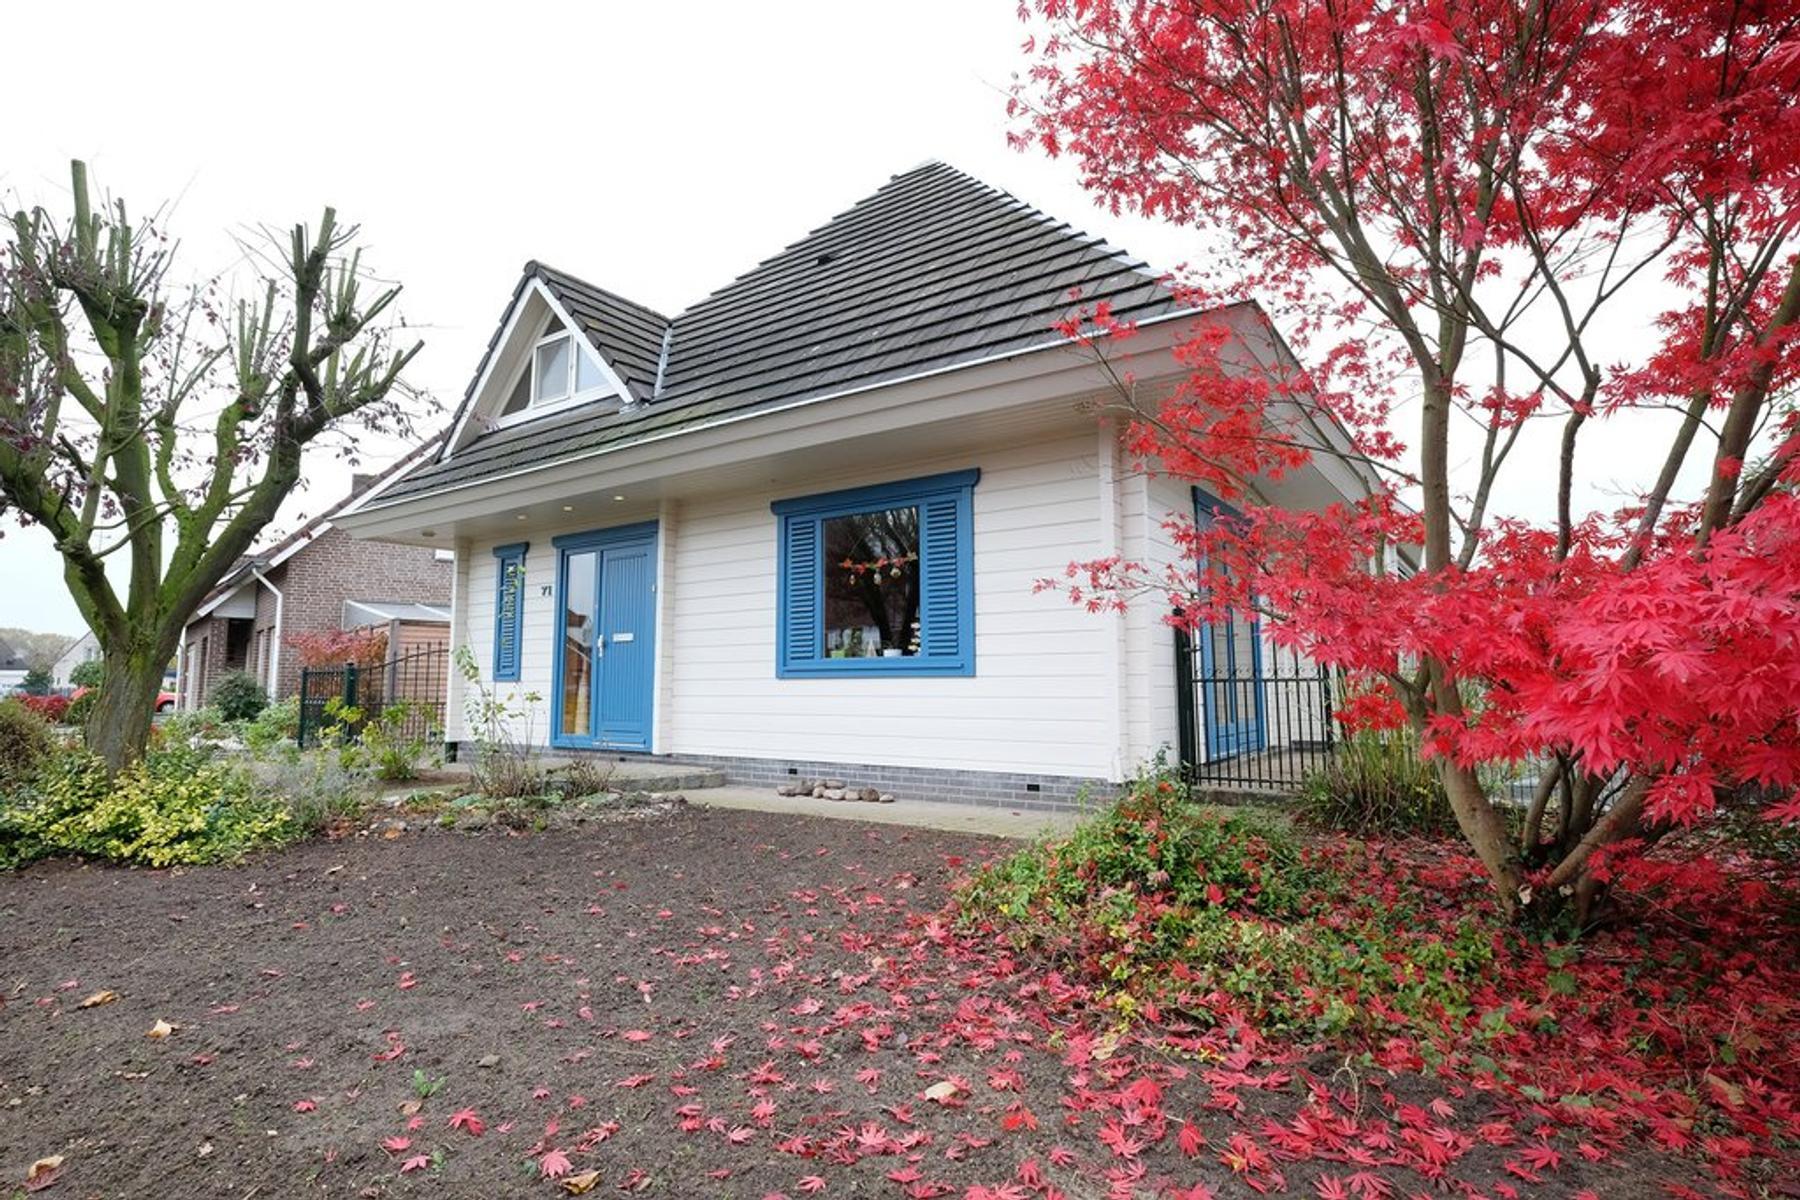 Boegstraat 71 in maasbracht 6051 ld: woonhuis. michel makelaardij